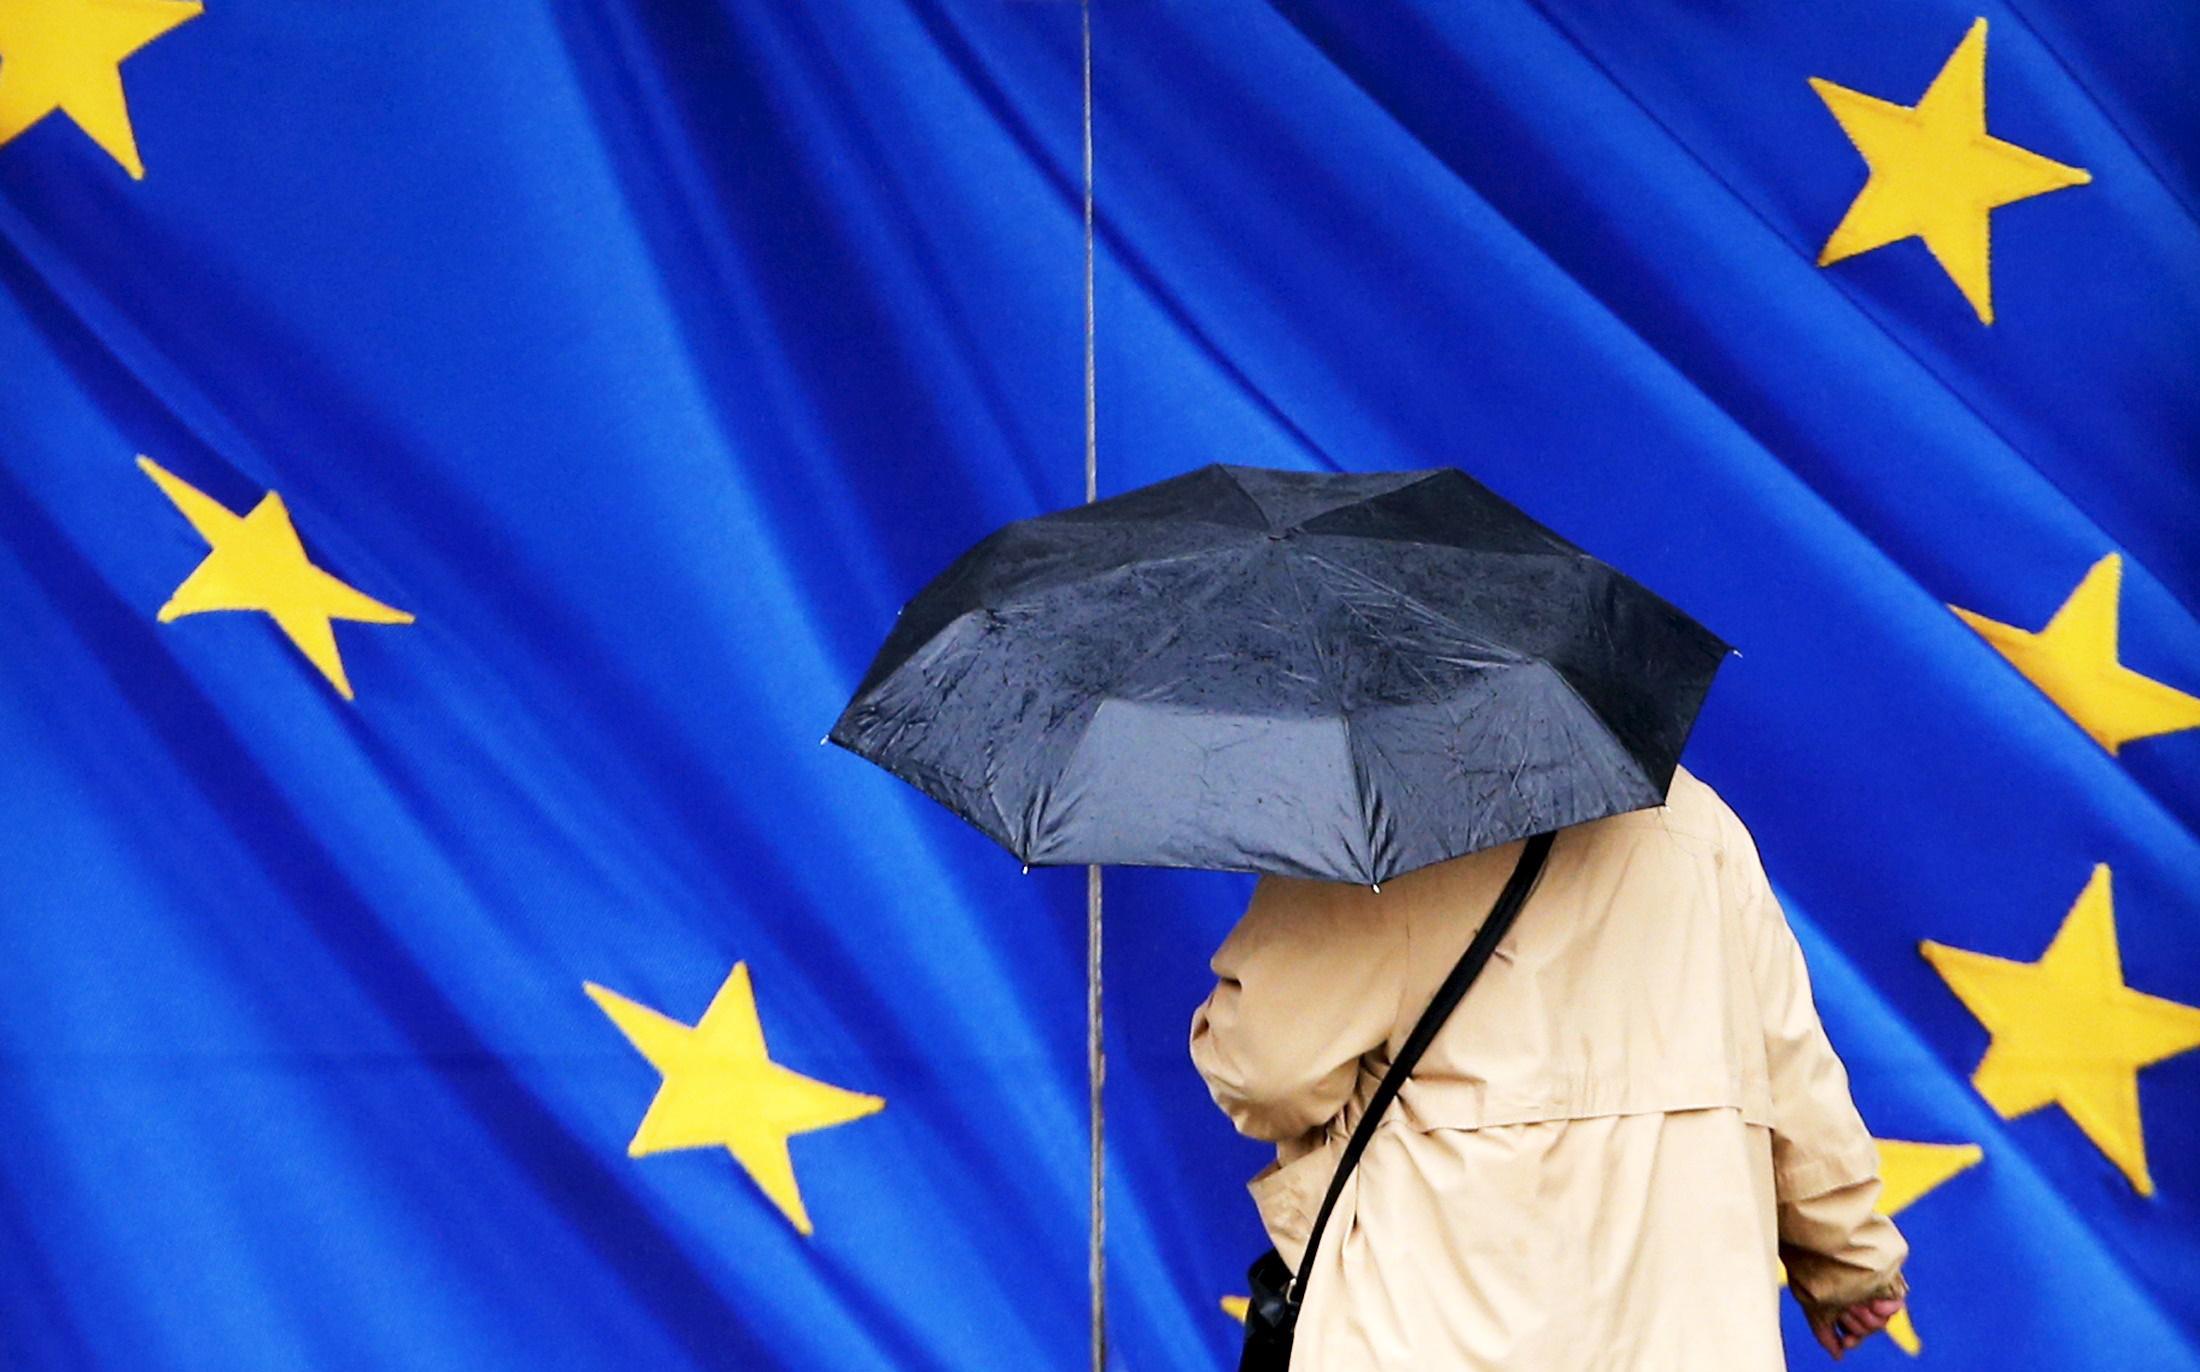 ЕС получит рекомендацию открыть границы для иностранцев с 1 июля